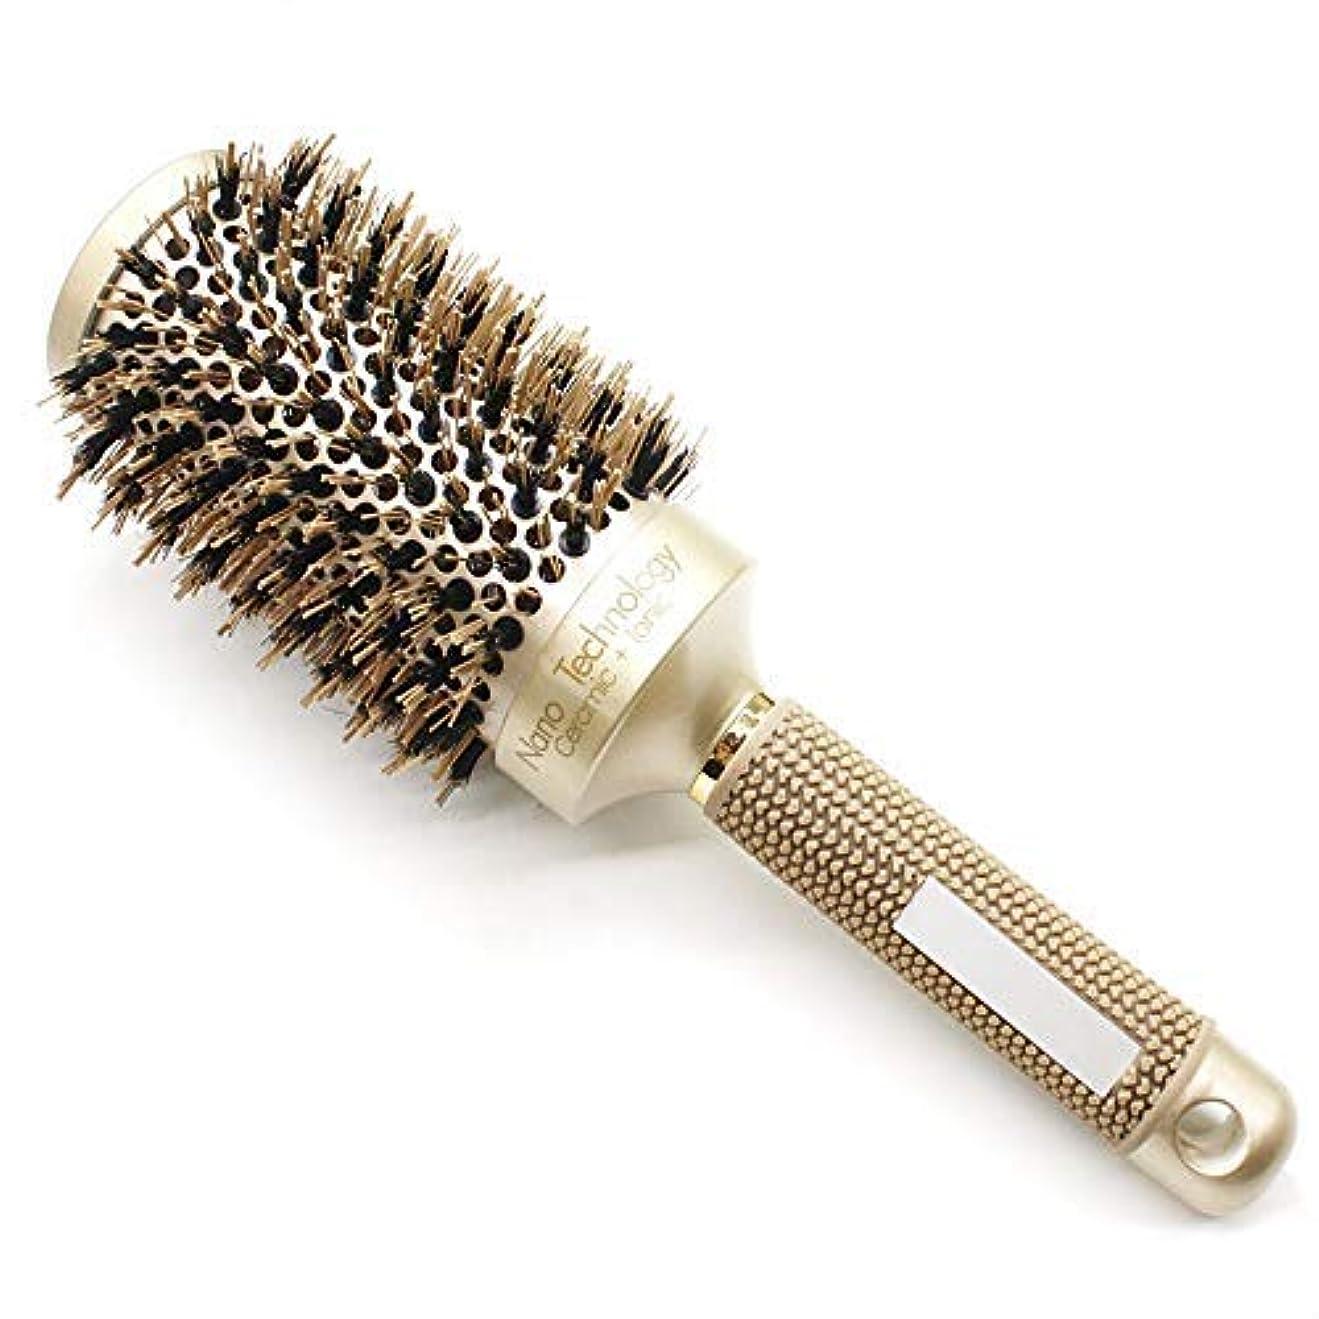 嘆く出発する置換BeautyMore Nano Thermal Ceramic & Ionic Round Barrel Anti-Static Hair Brush with Boar Bristle, for Hair Drying...